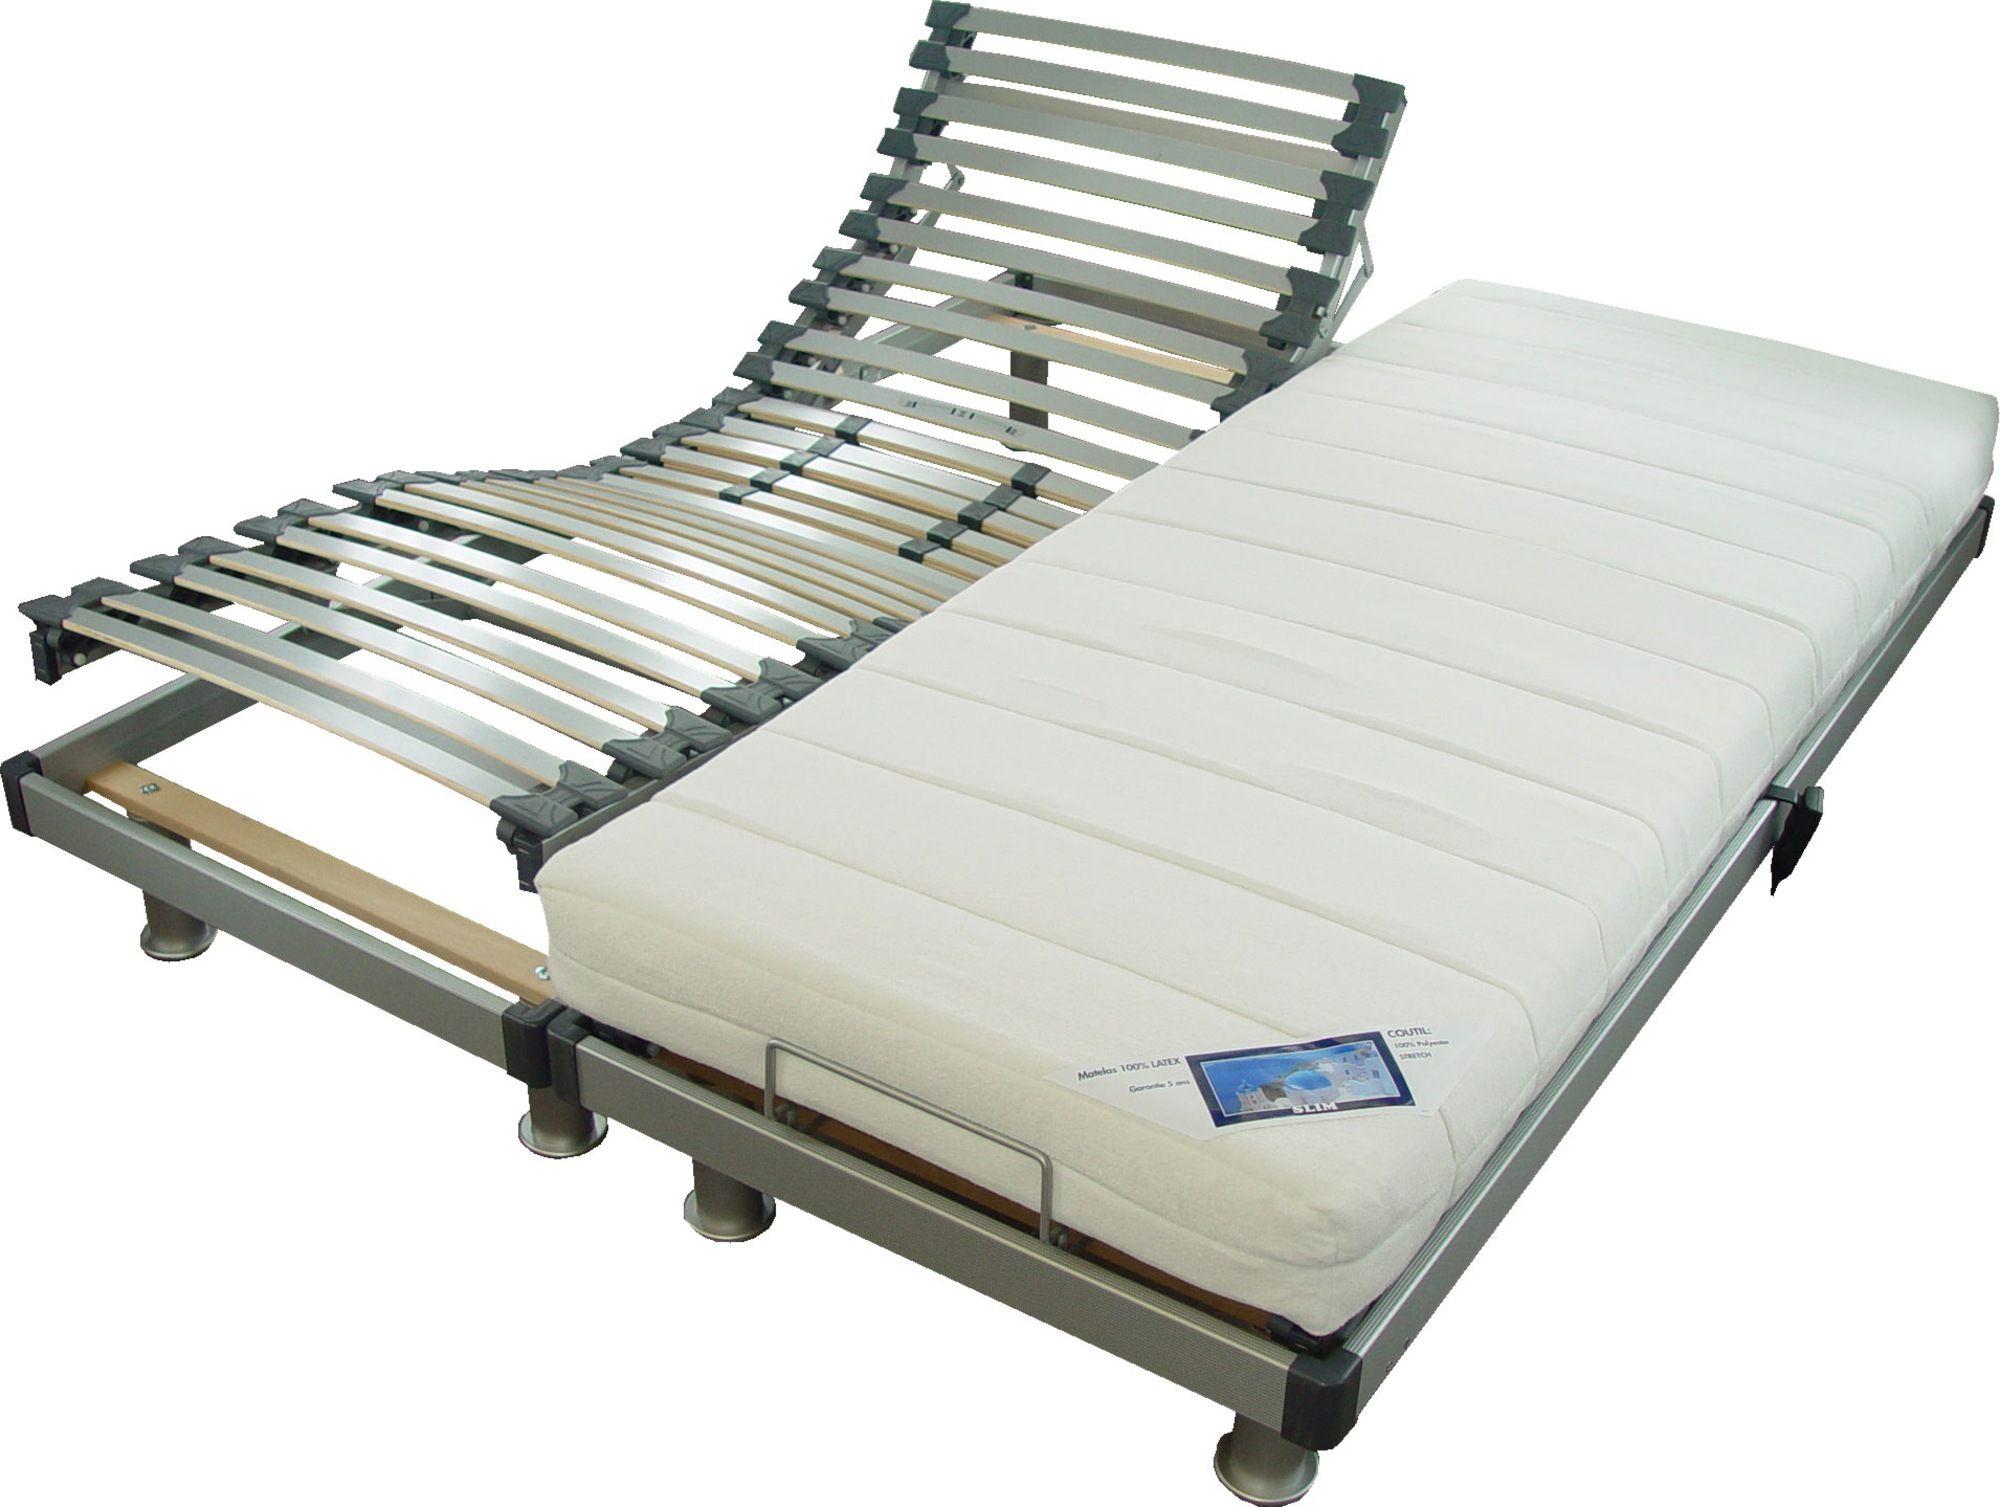 protege matelas pour lit electrique 2x80x200 douce sommier 80 200 conforama meilleur surmatelas. Black Bedroom Furniture Sets. Home Design Ideas